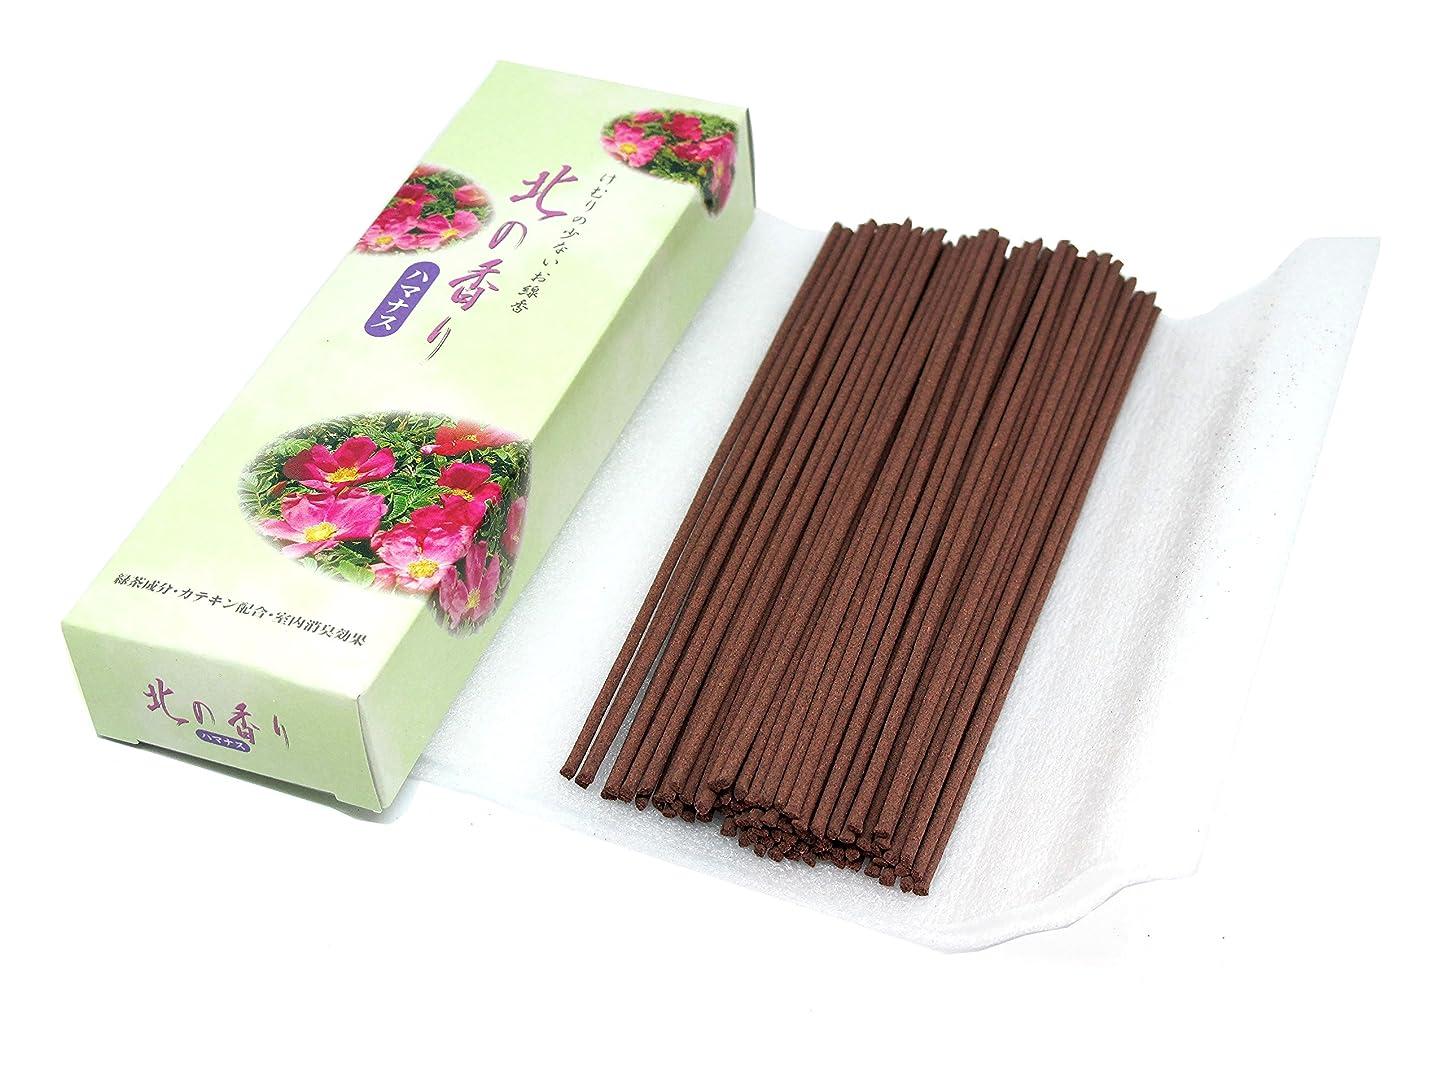 精度成人期枯渇Seikado Japanese Incense Sticks Kita No Kaori Hamanasu (ビーチローズ)スモールパック?–?5.5インチ80?Sticks?–?Green Tea Deodorizer?–?Less煙タイプ?–?日本製